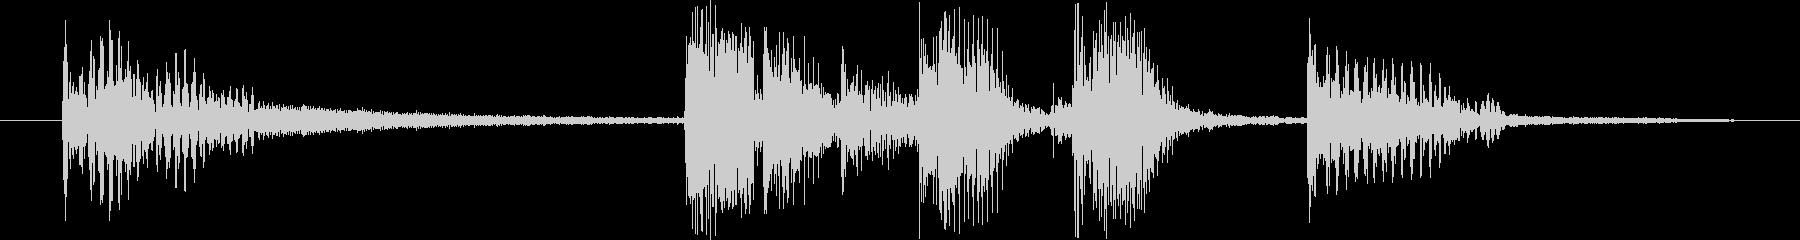 ドラムとトランペット締めのジングルの未再生の波形